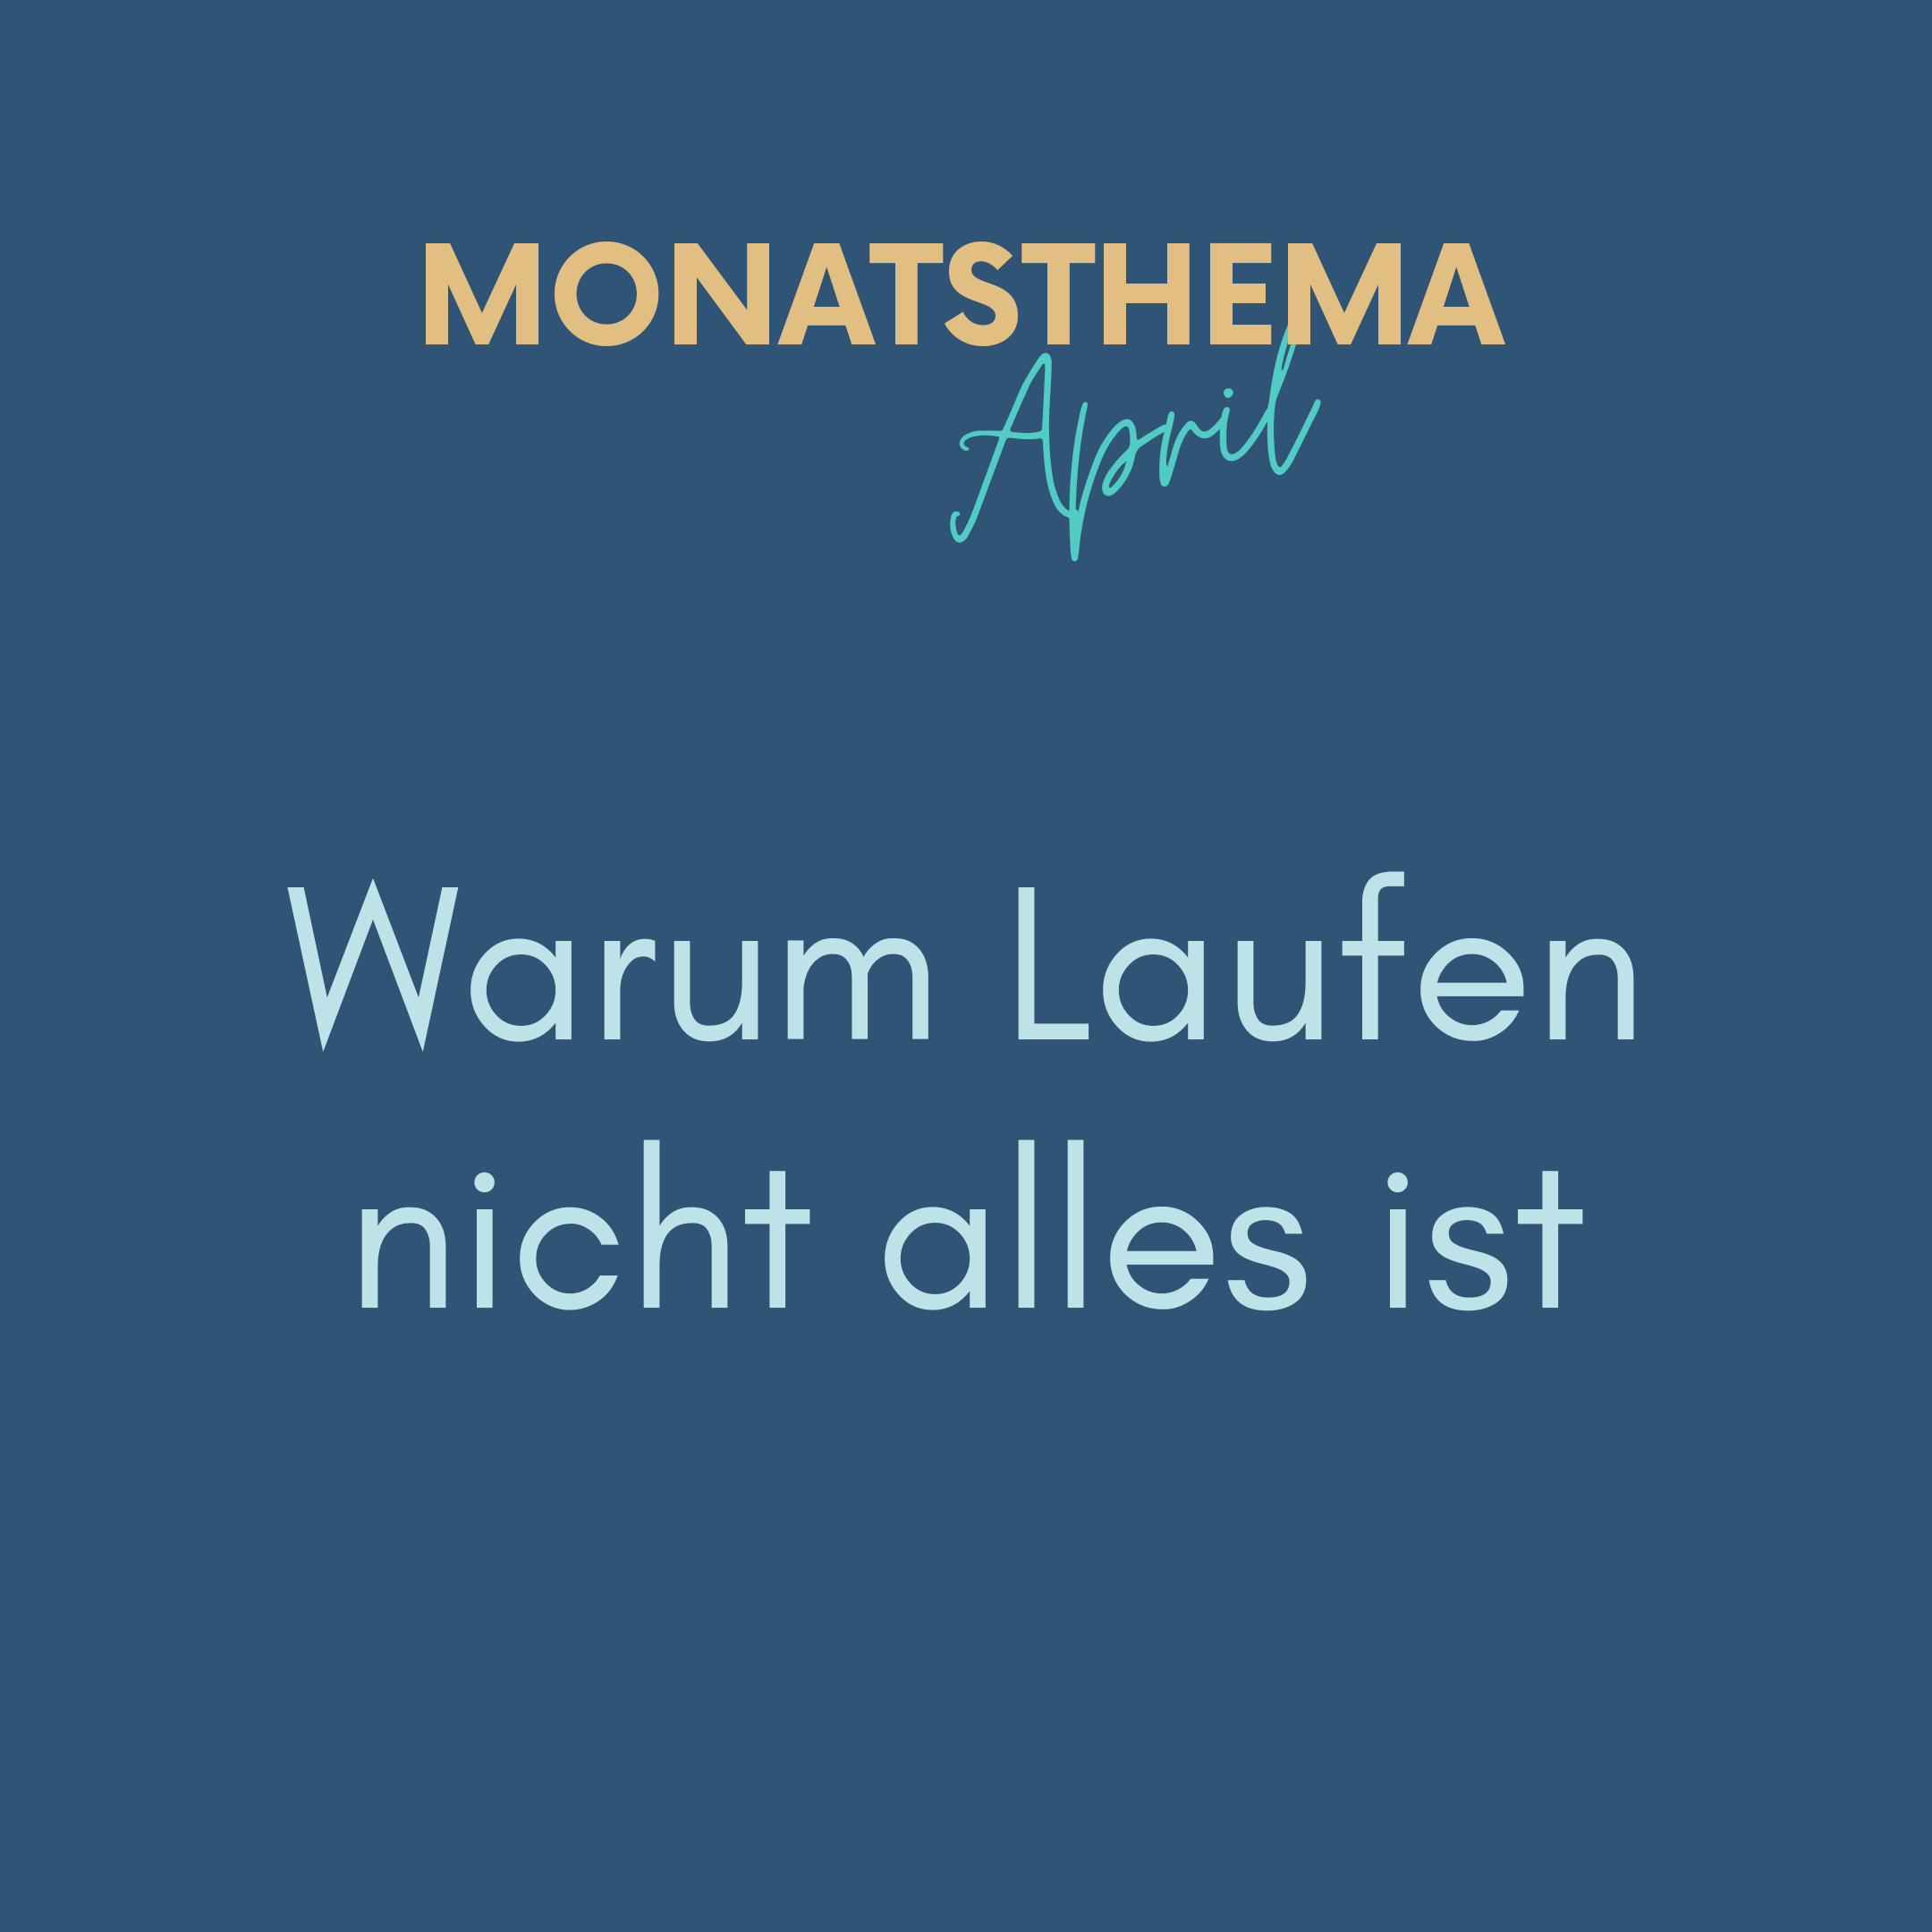 blauer Hintergrund mit Text: Monatsthema April, Warum Laufen nicht alles ist